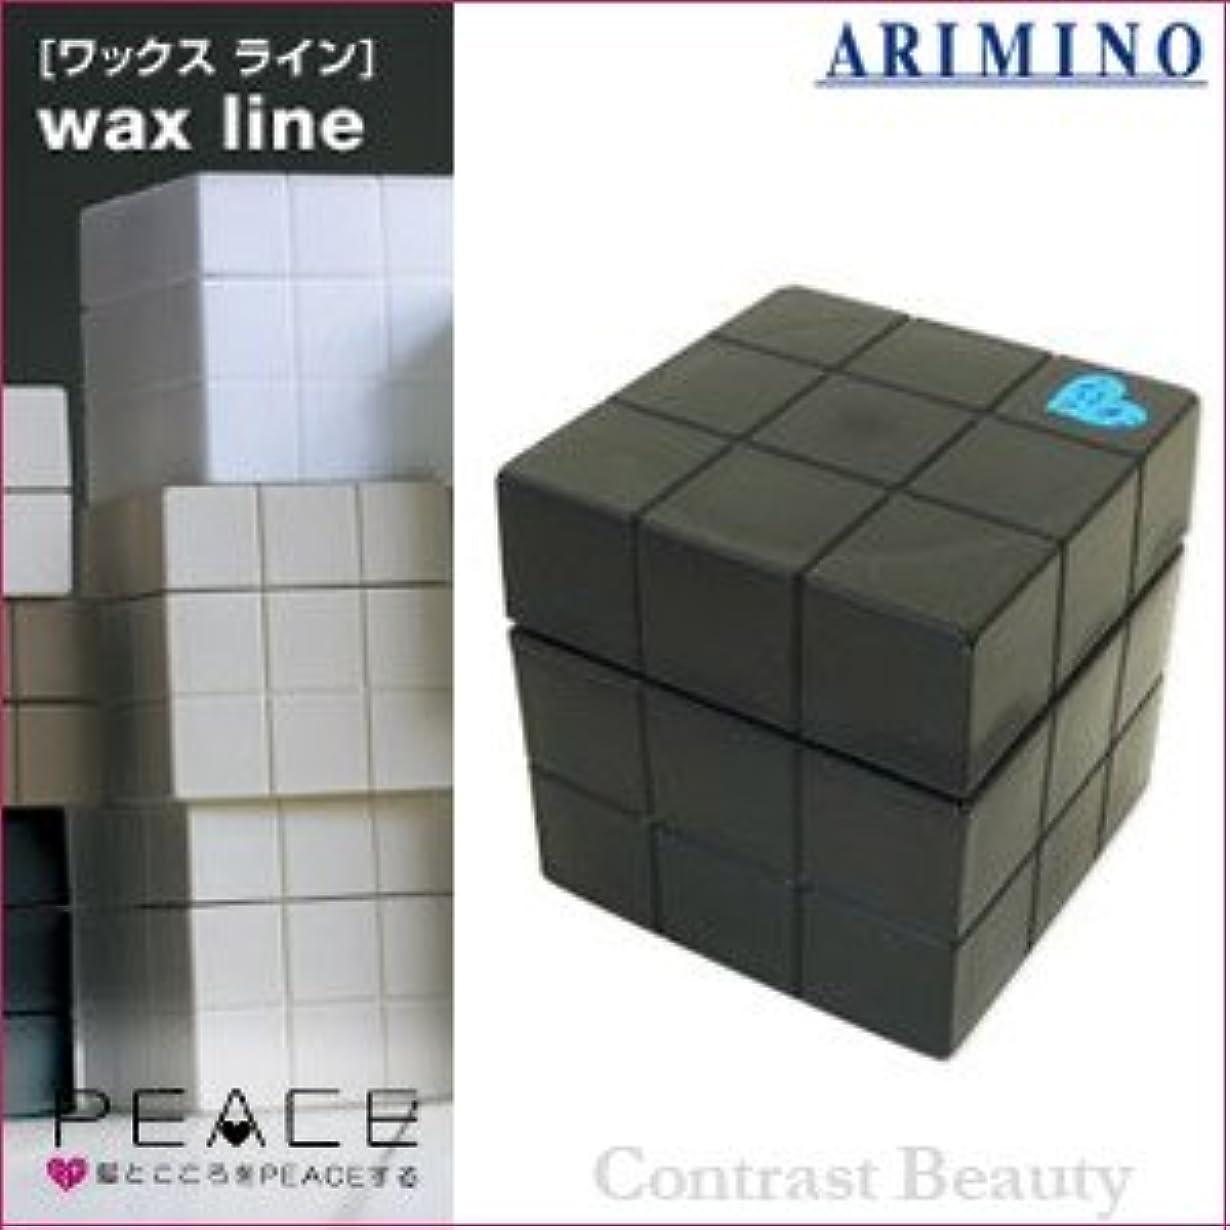 ロードされたメーカーよろめく【X4個セット】 アリミノ ピース プロデザインシリーズ フリーズキープワックス ブラック 80g